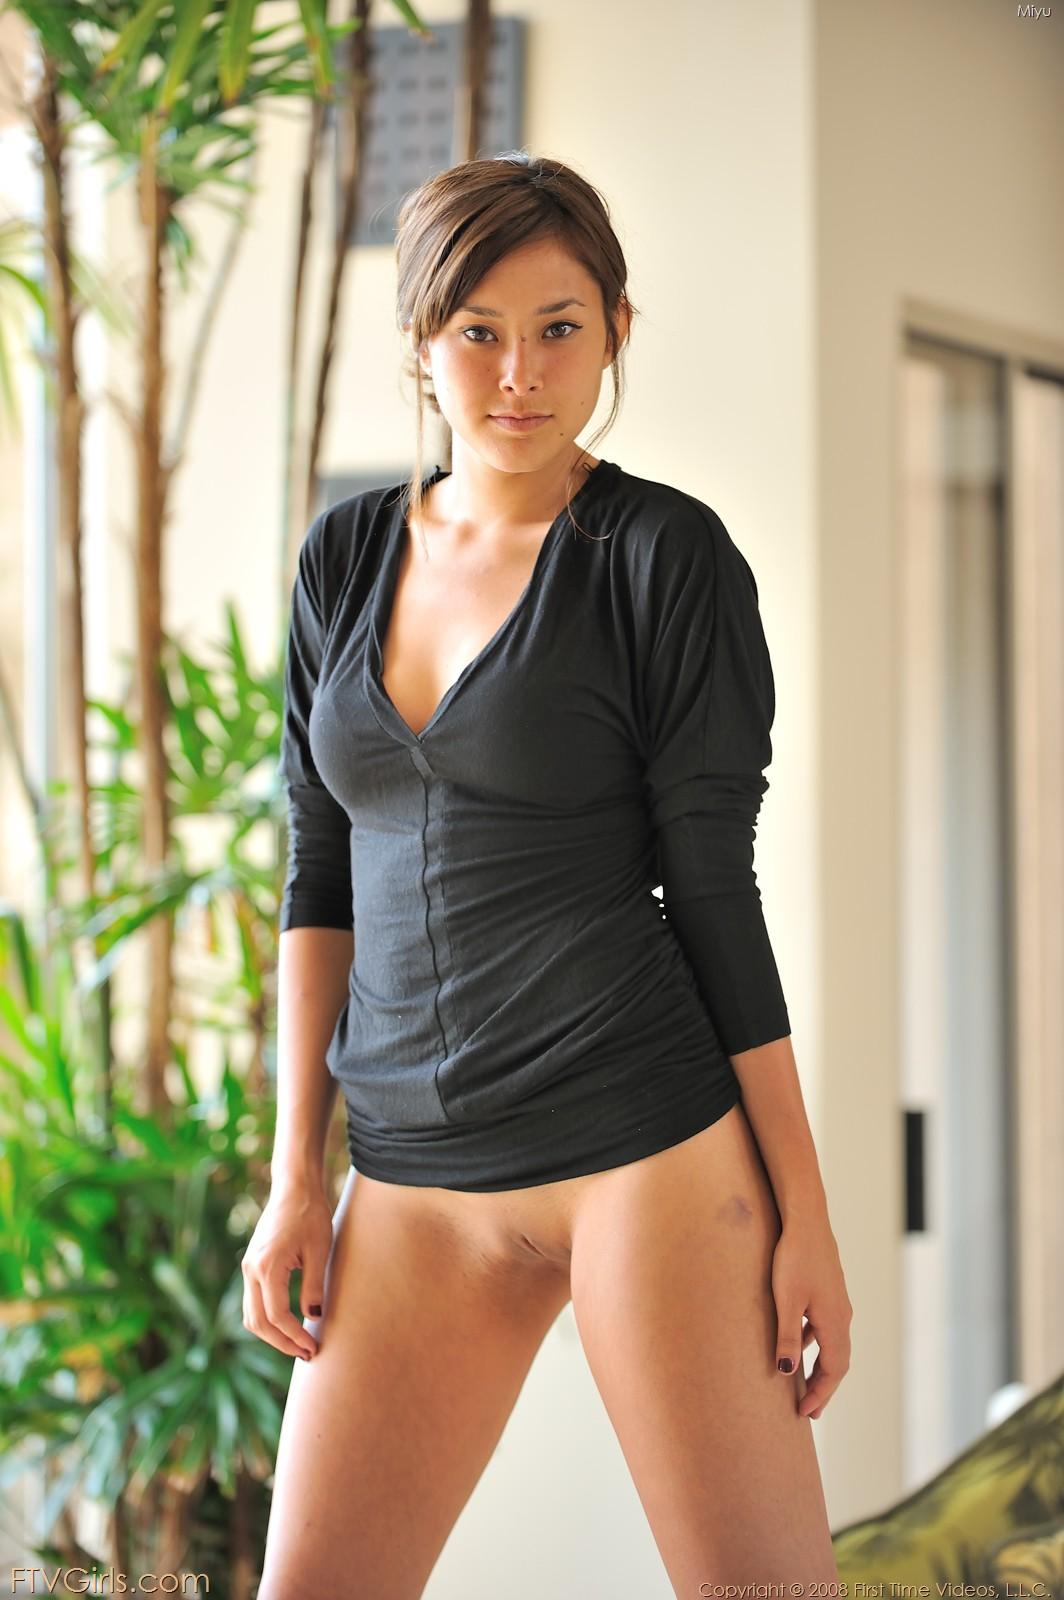 Sexy bottomless asian girl, belanda porn